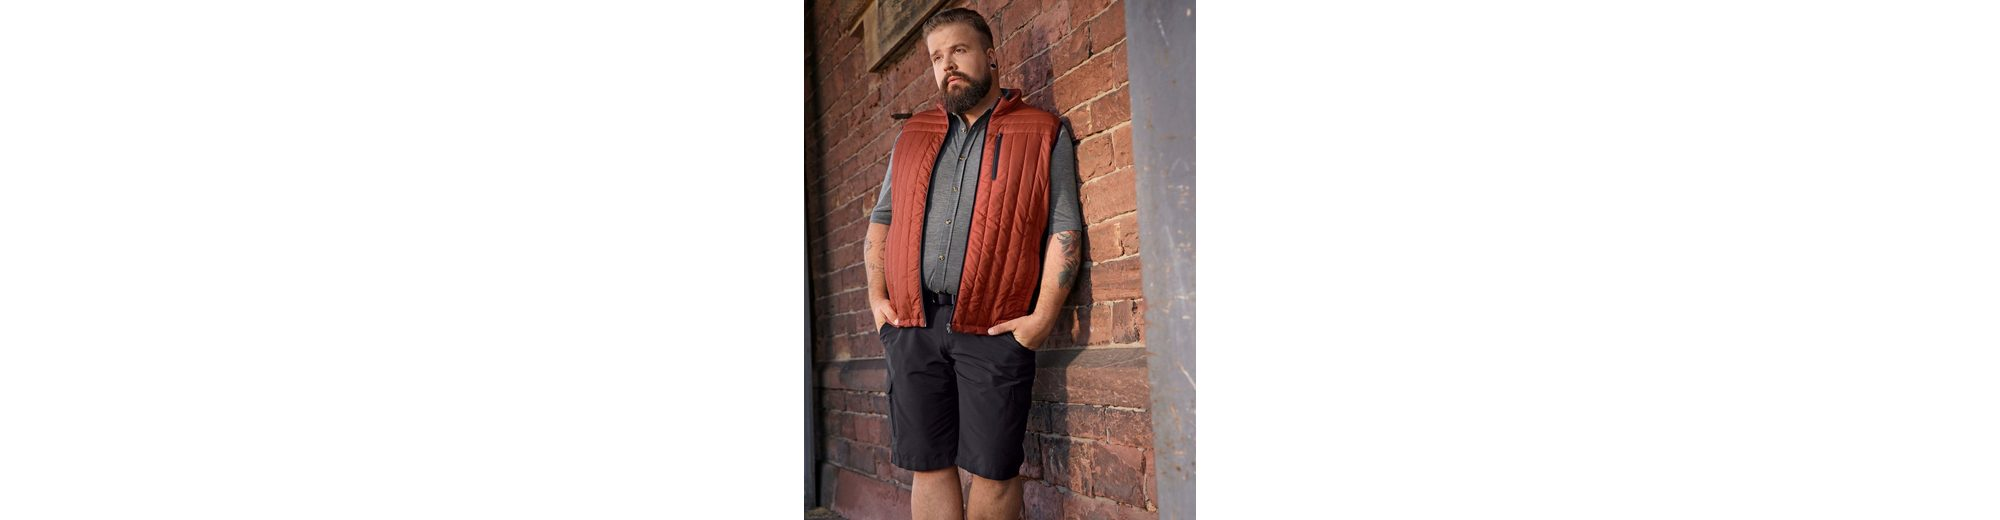 Men Plus by Happy Size Spezial-Bauchschnitt Hemd in Piqué Rabatt Heißen Verkauf Billig Ausverkauf g5FWcX